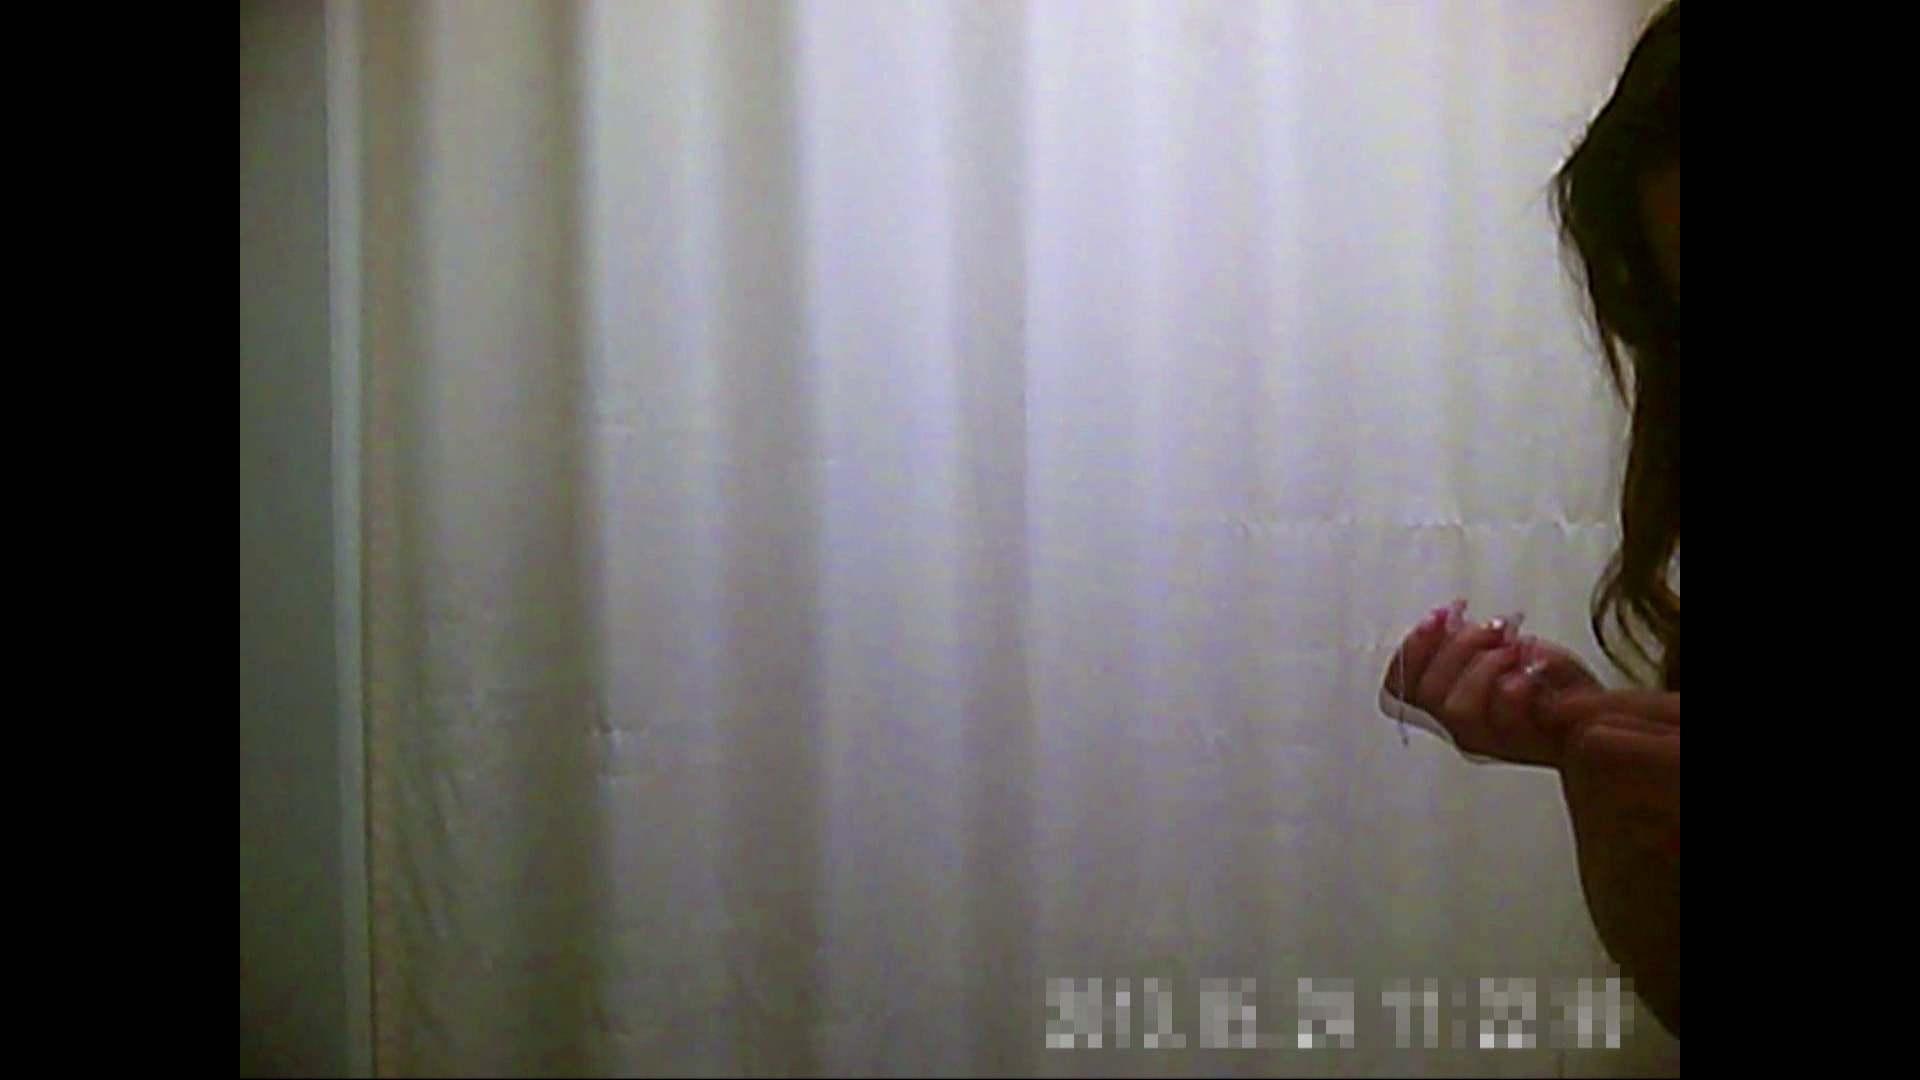 ハメ撮り|元医者による反抗 更衣室地獄絵巻 vol.044|怪盗ジョーカー